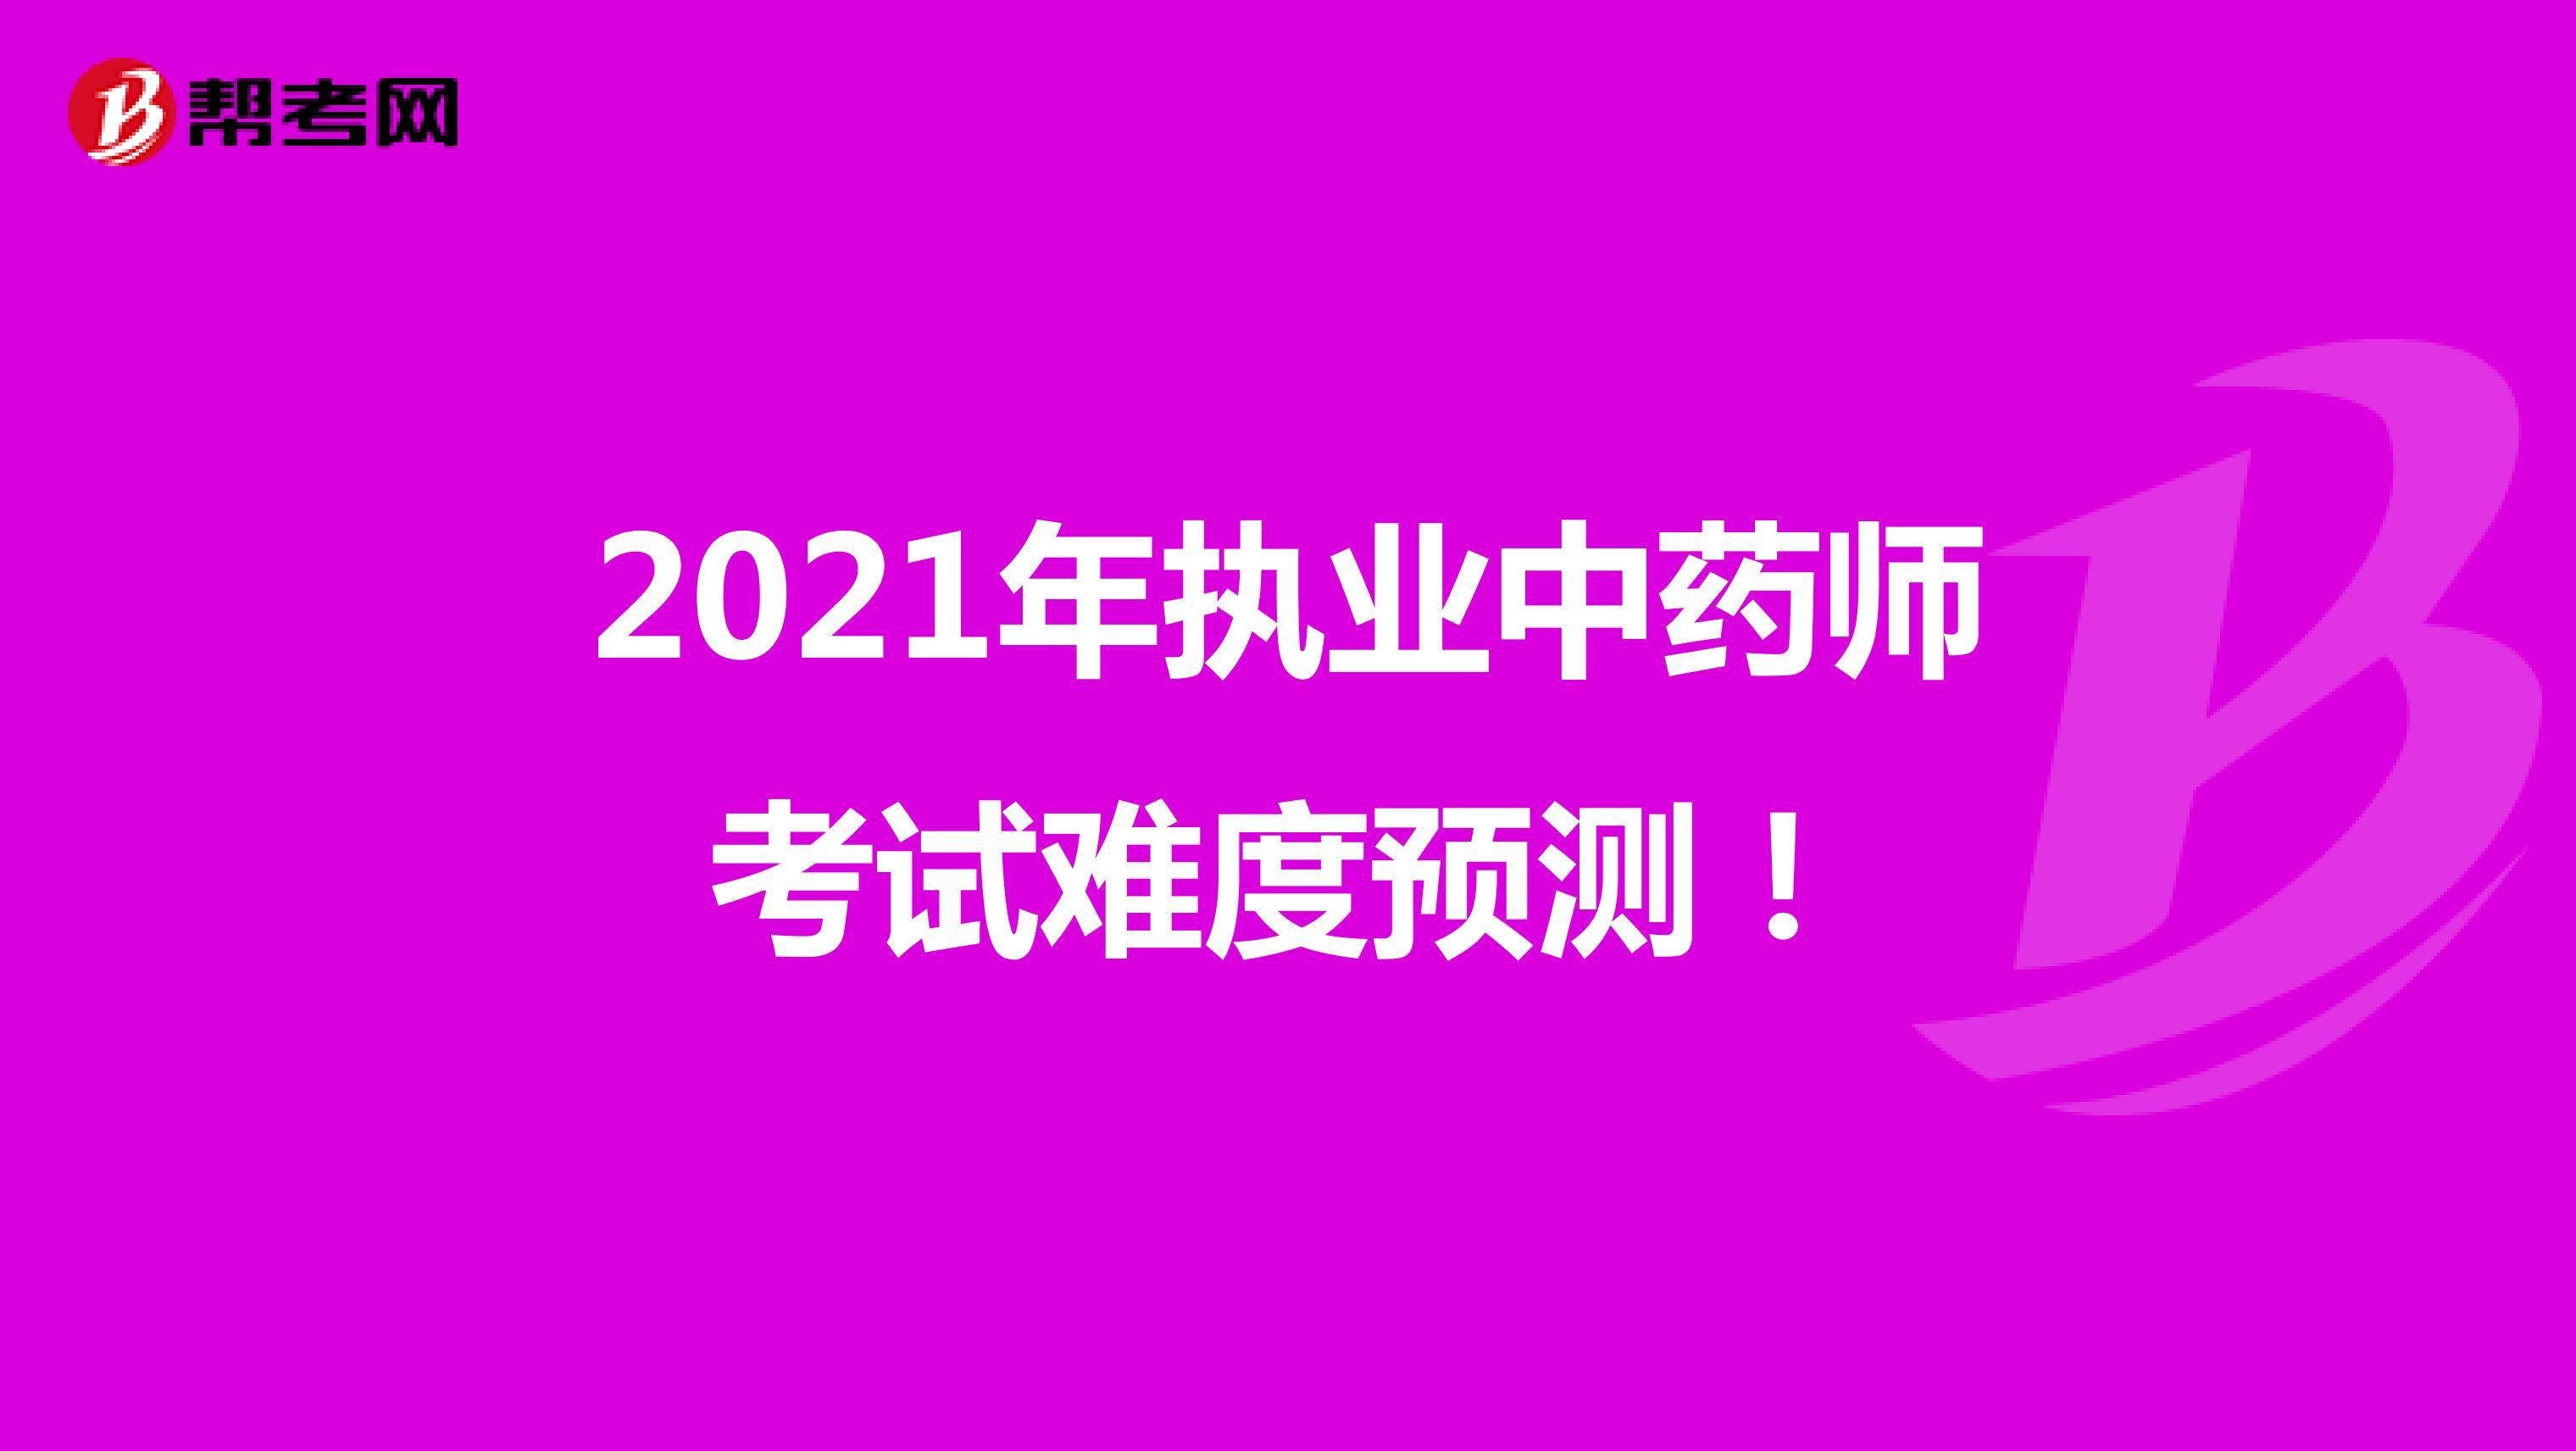 2021年执业中药师考试难度预测!